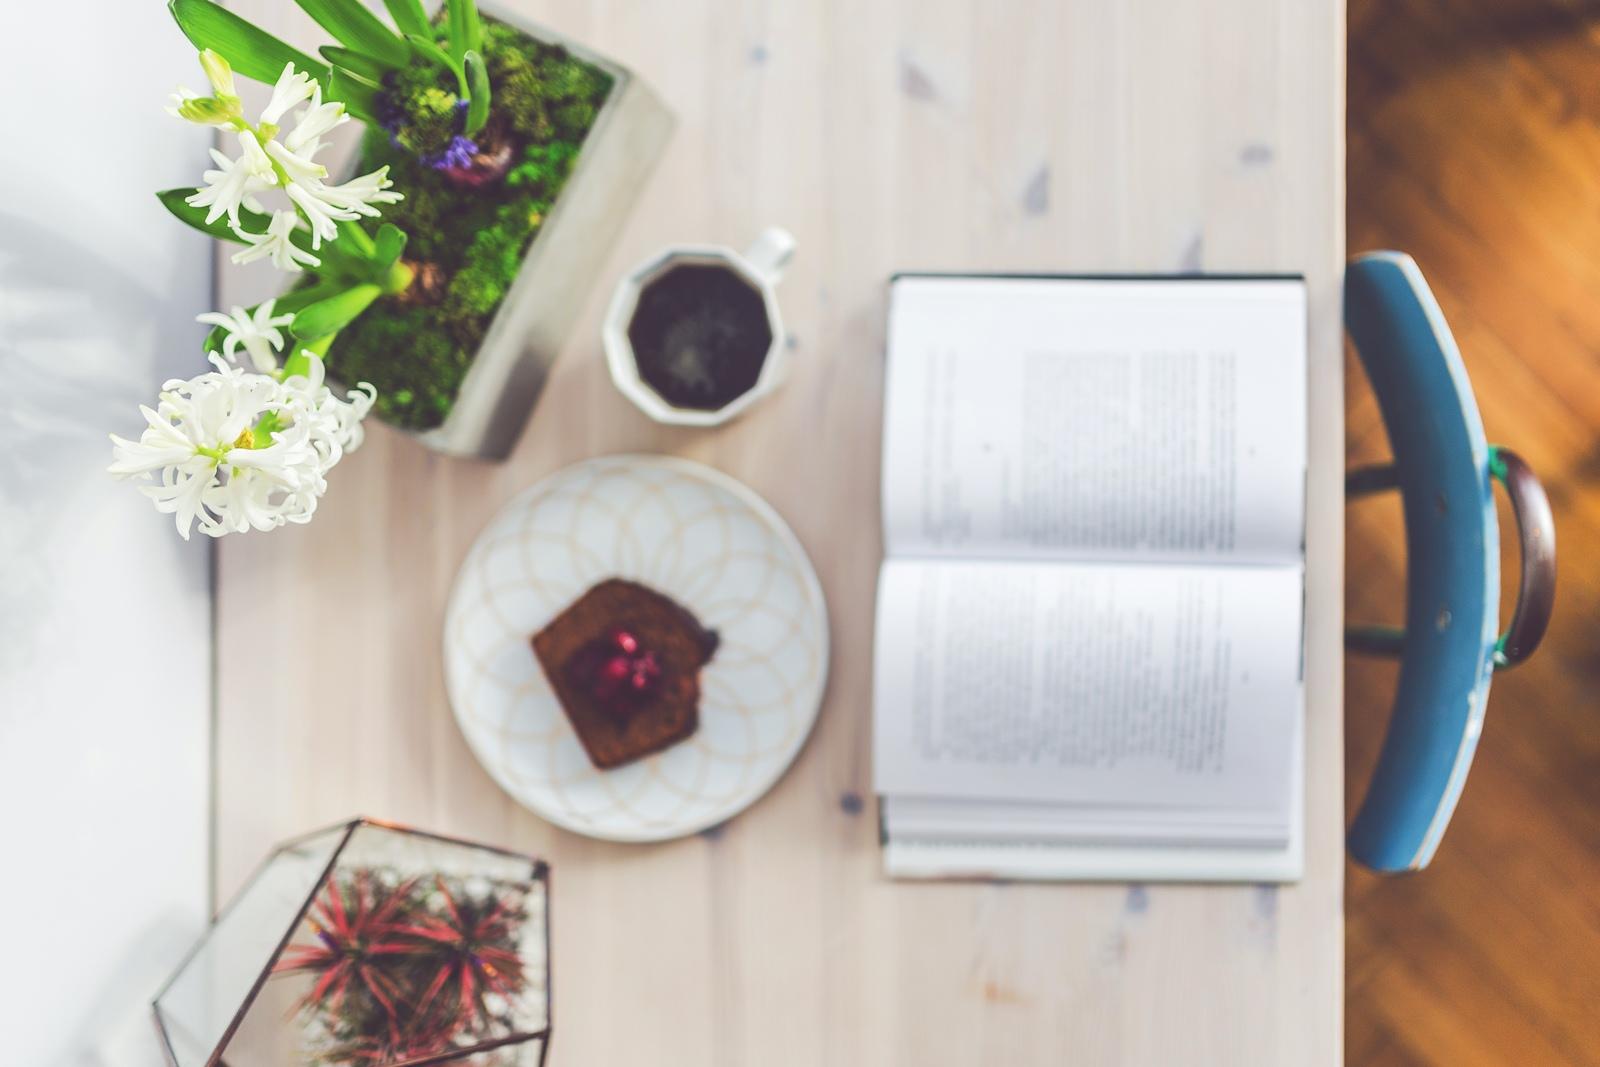 Cytat, nagłówki, wypuntkowanie i więcej